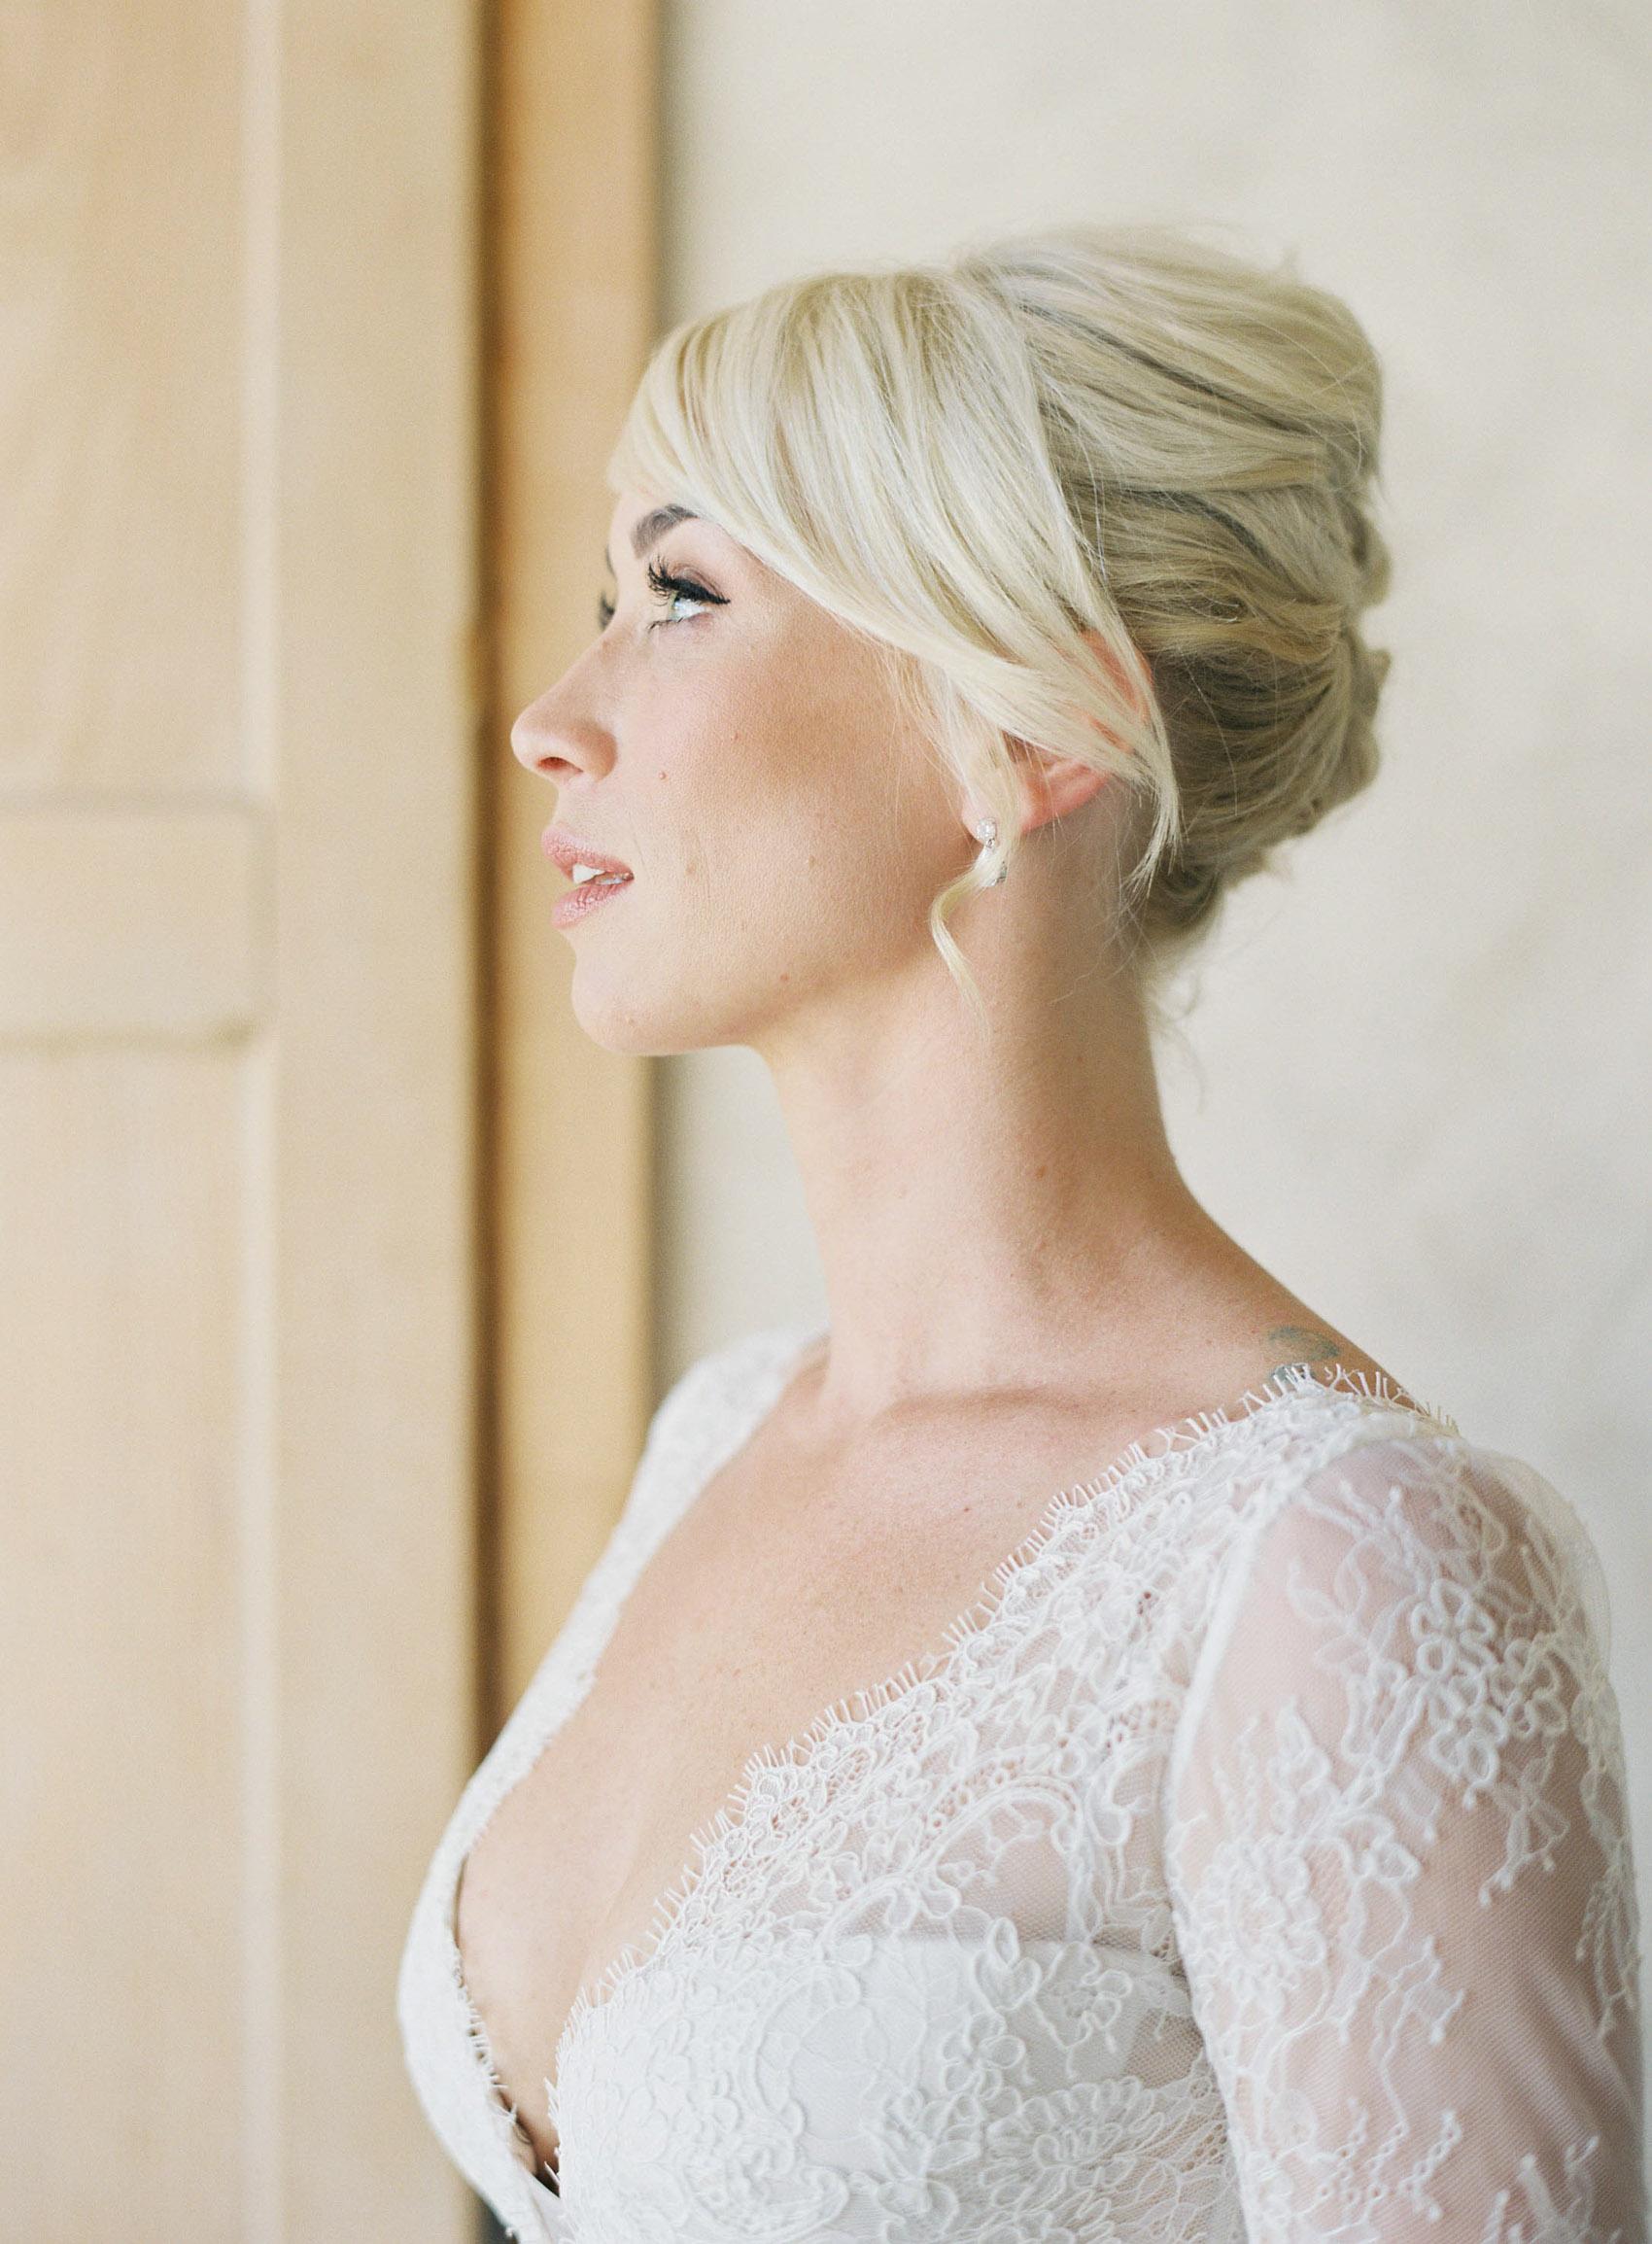 Sunstone_Villa_Wedding-13-Jen-Huang-JTEd-31-Jen_Huang-002837-R1-016.jpg